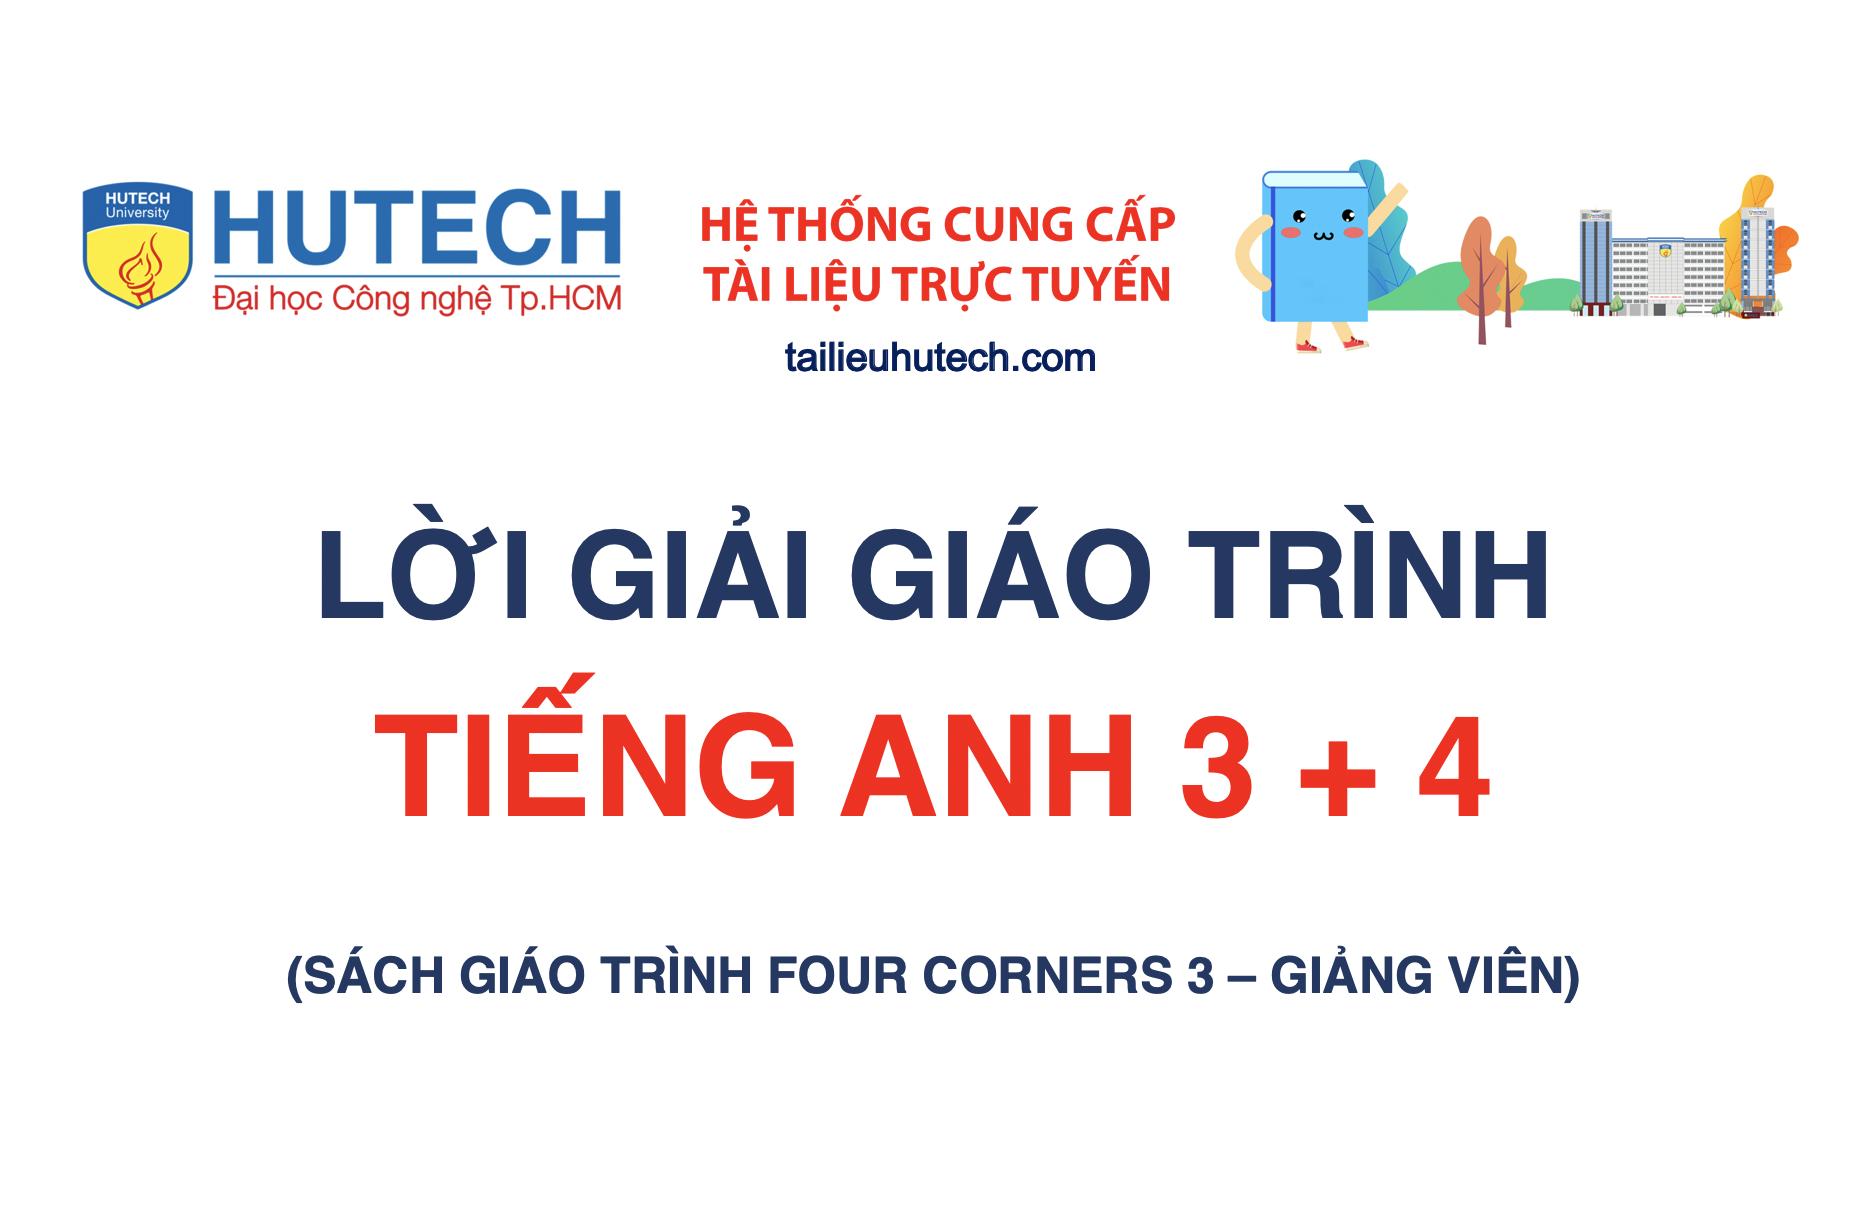 [Lời giải Giáo trình] Tiếng Anh 3 + 4 (Four Corners)